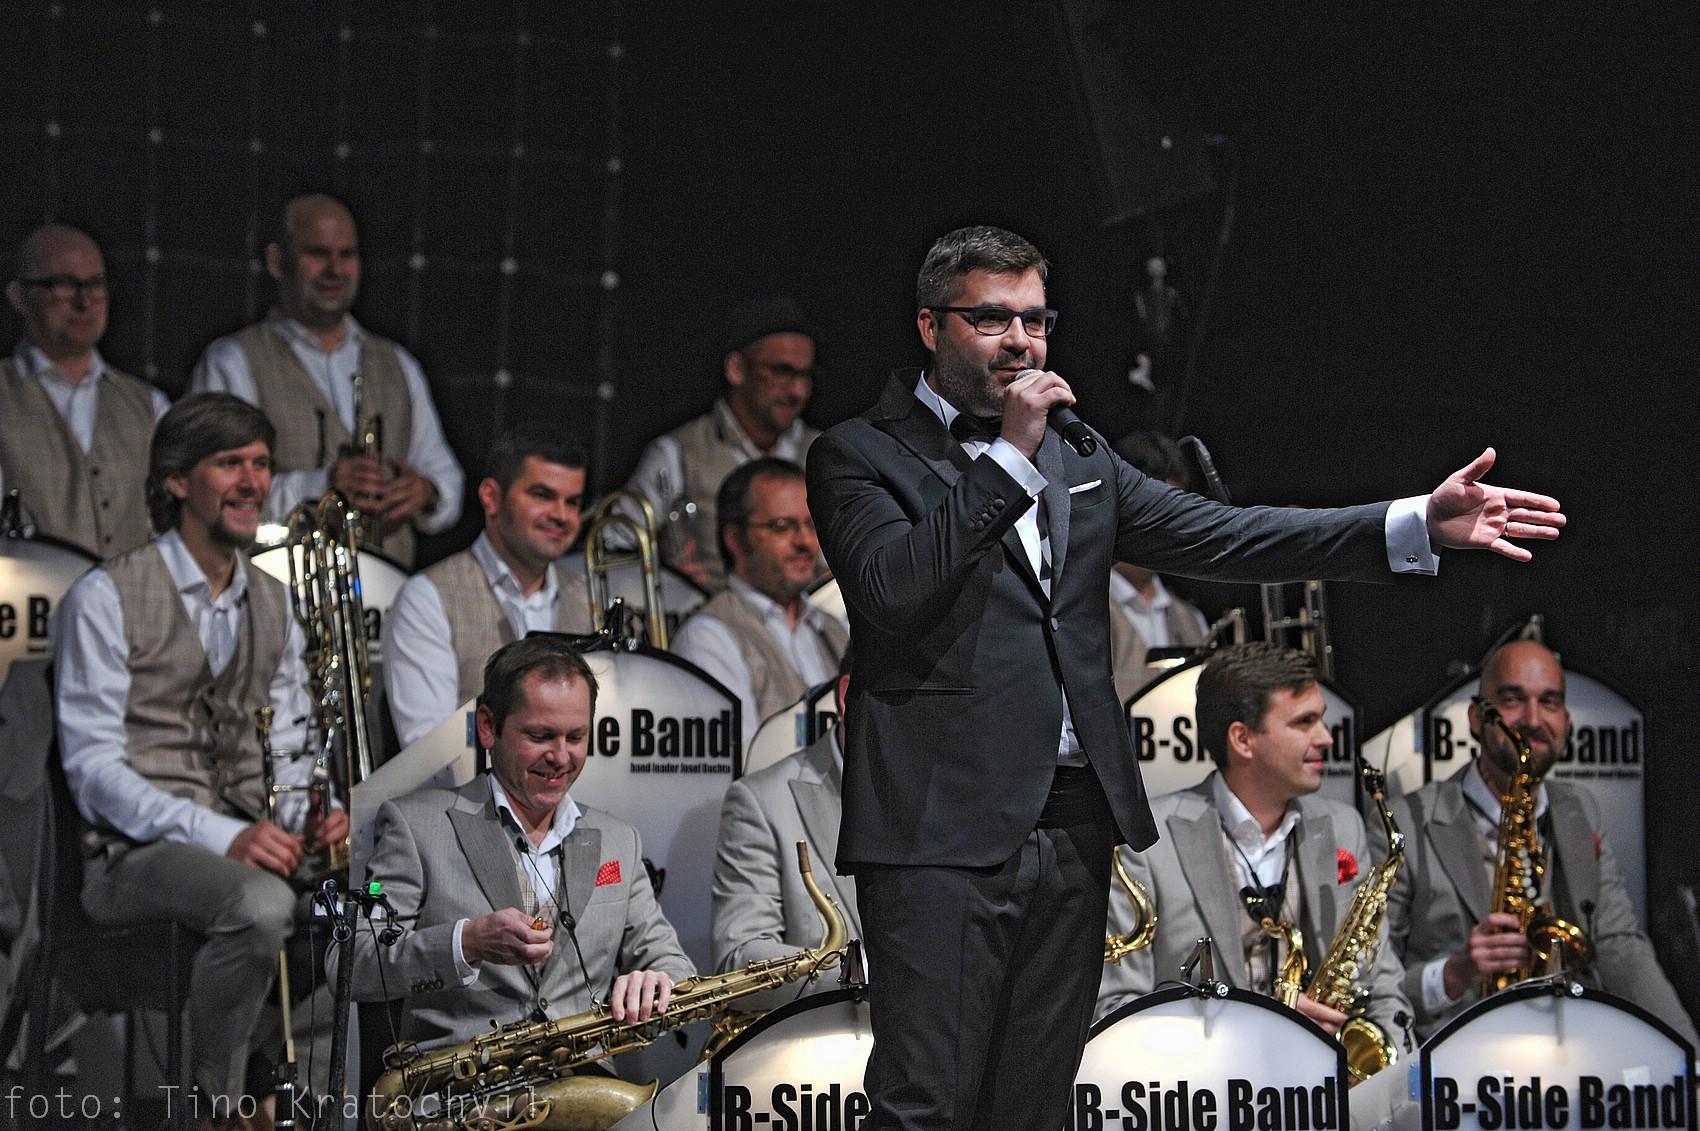 INTERVIEW: B-Side Band - Prvních pět let byla v podstatě muka